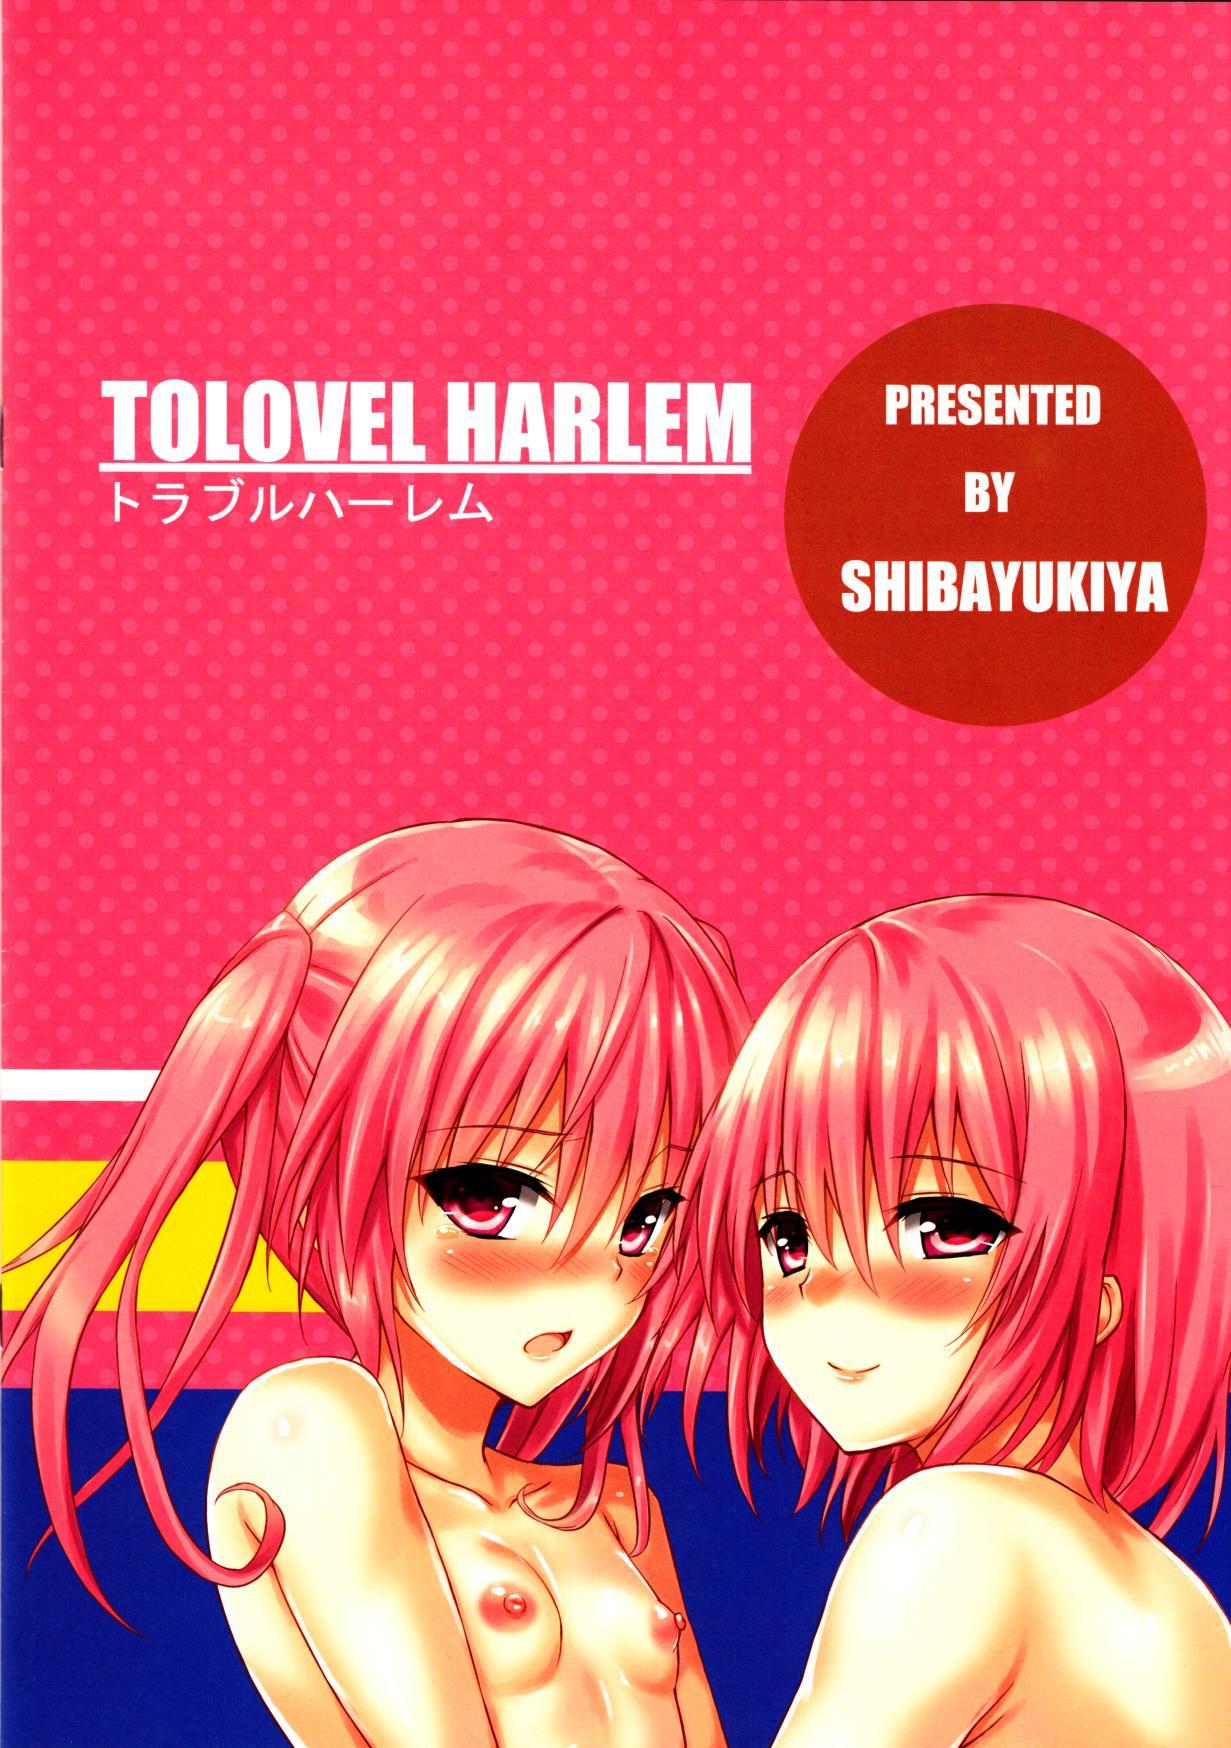 TOLOVEL HARLEM 11